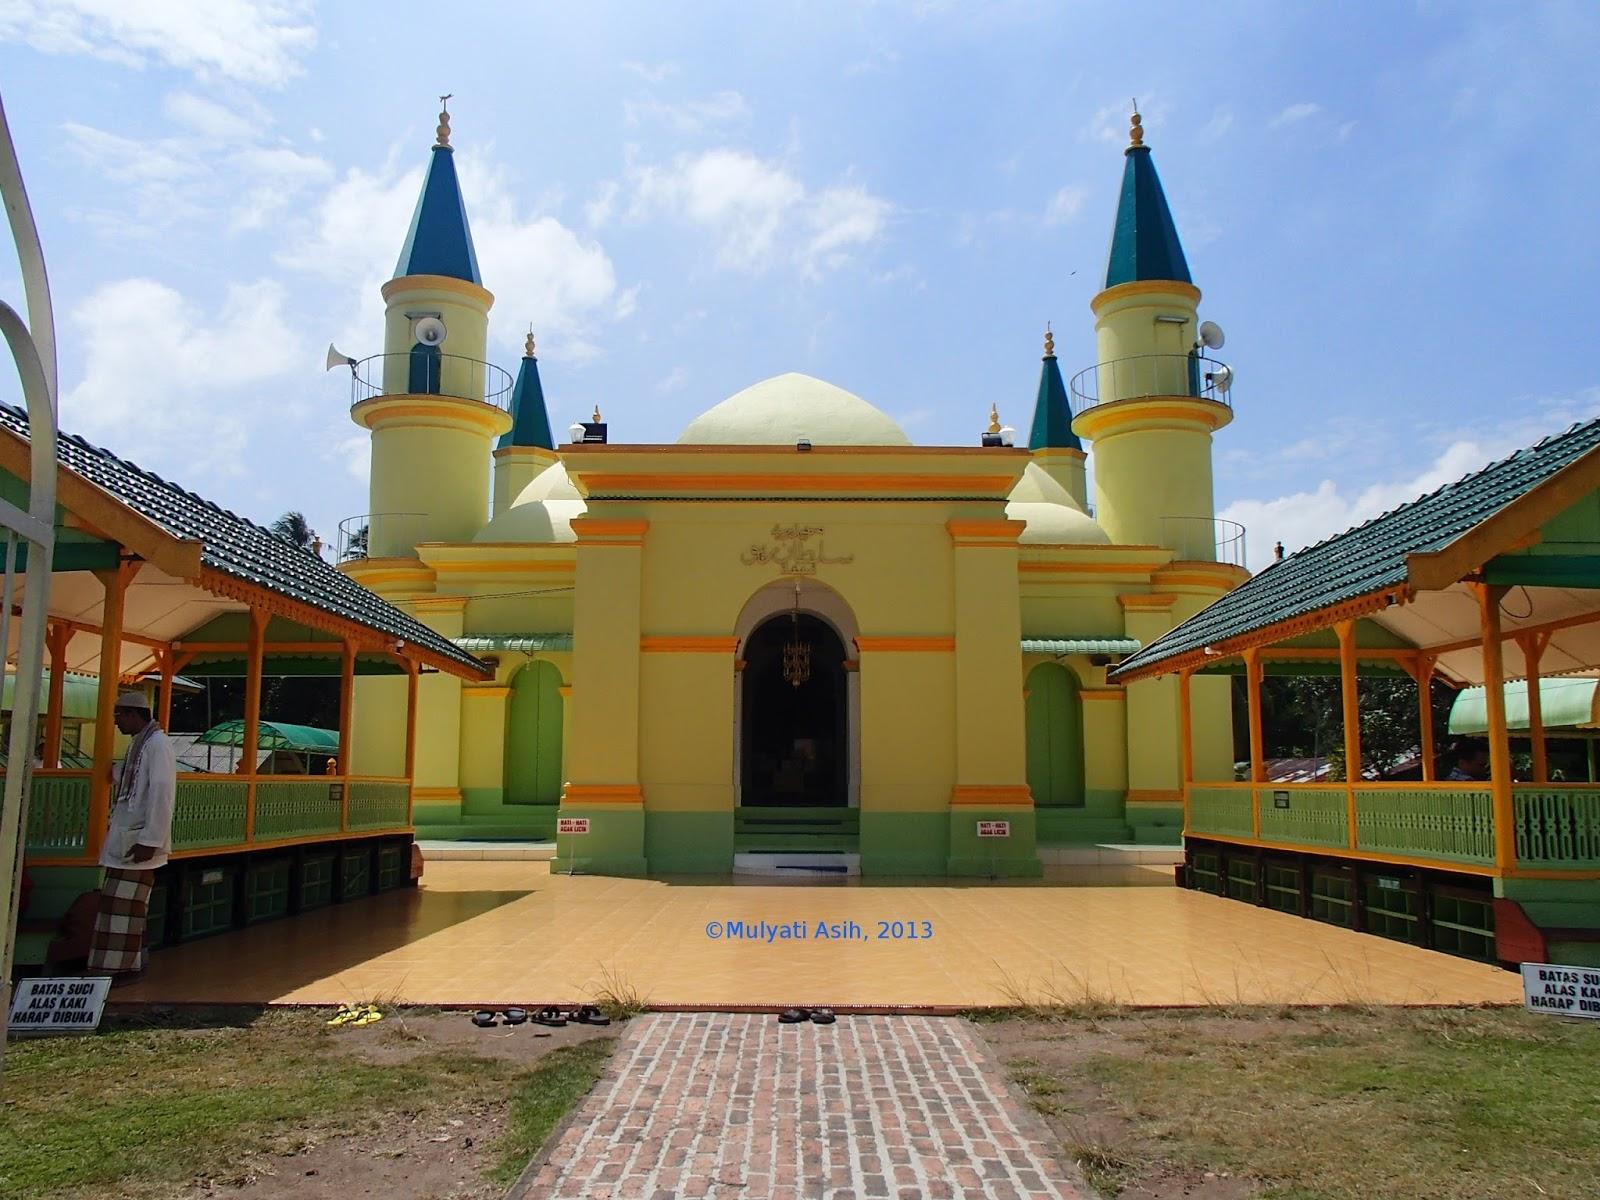 Menyusuri Jejak Sejarah Kebudayaan Melayu Pulau Penyengat Puas Melihat Lihat